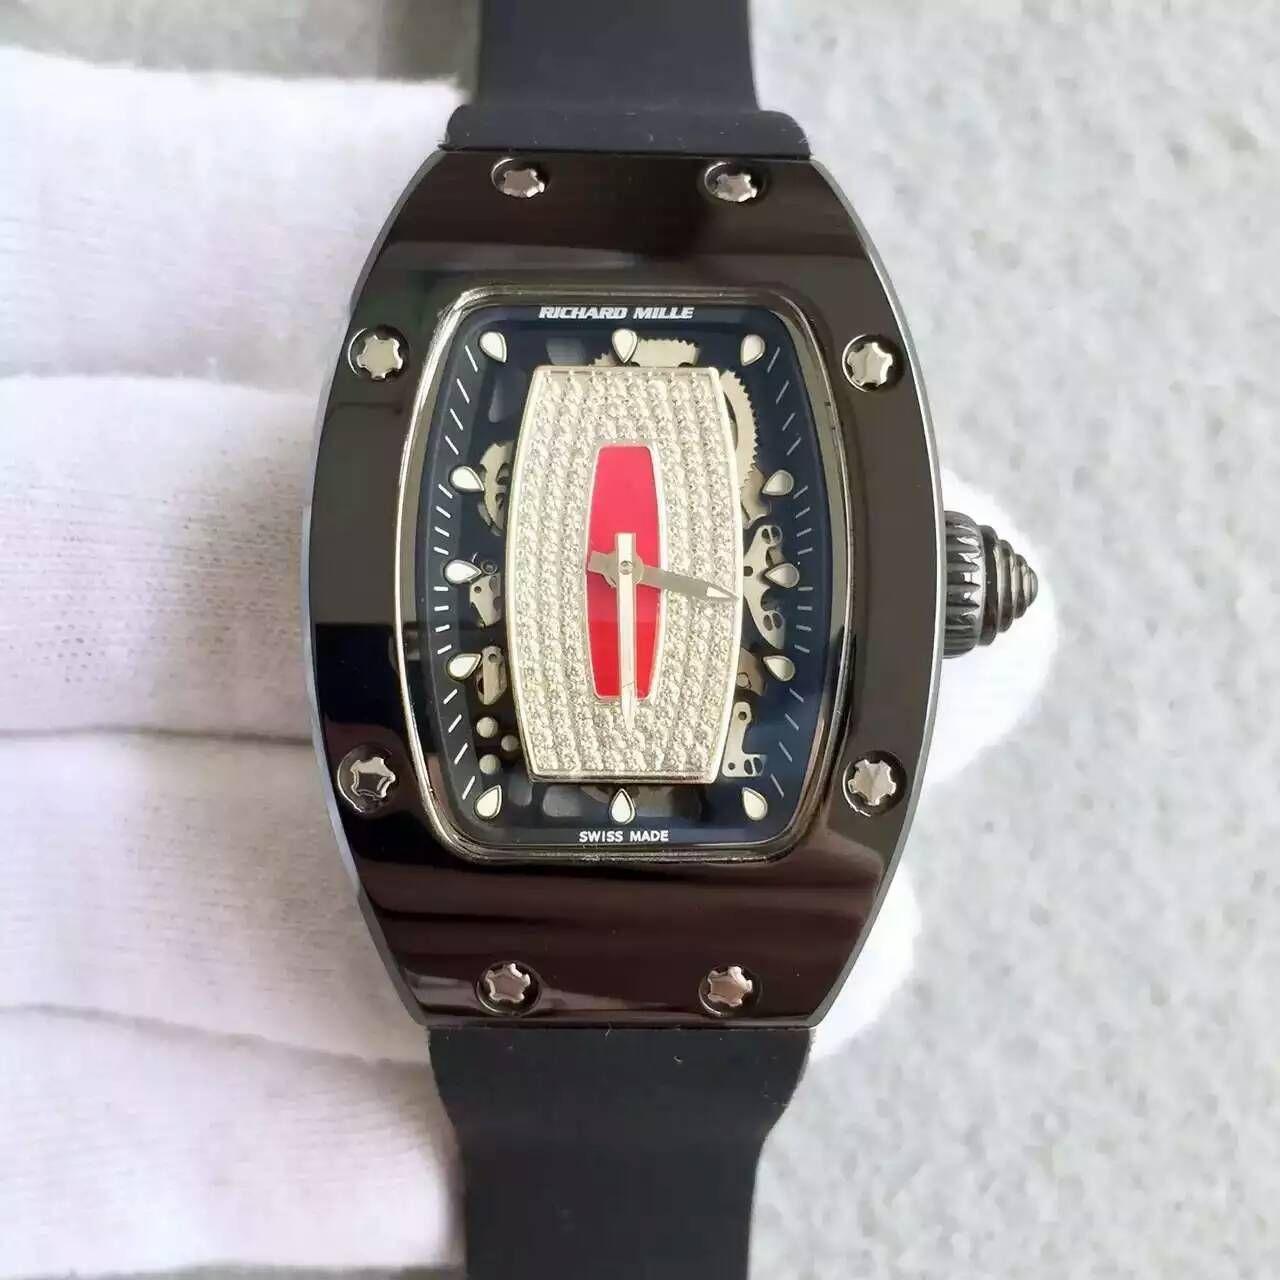 里查德米尔女士系列RM 07-01机械腕表